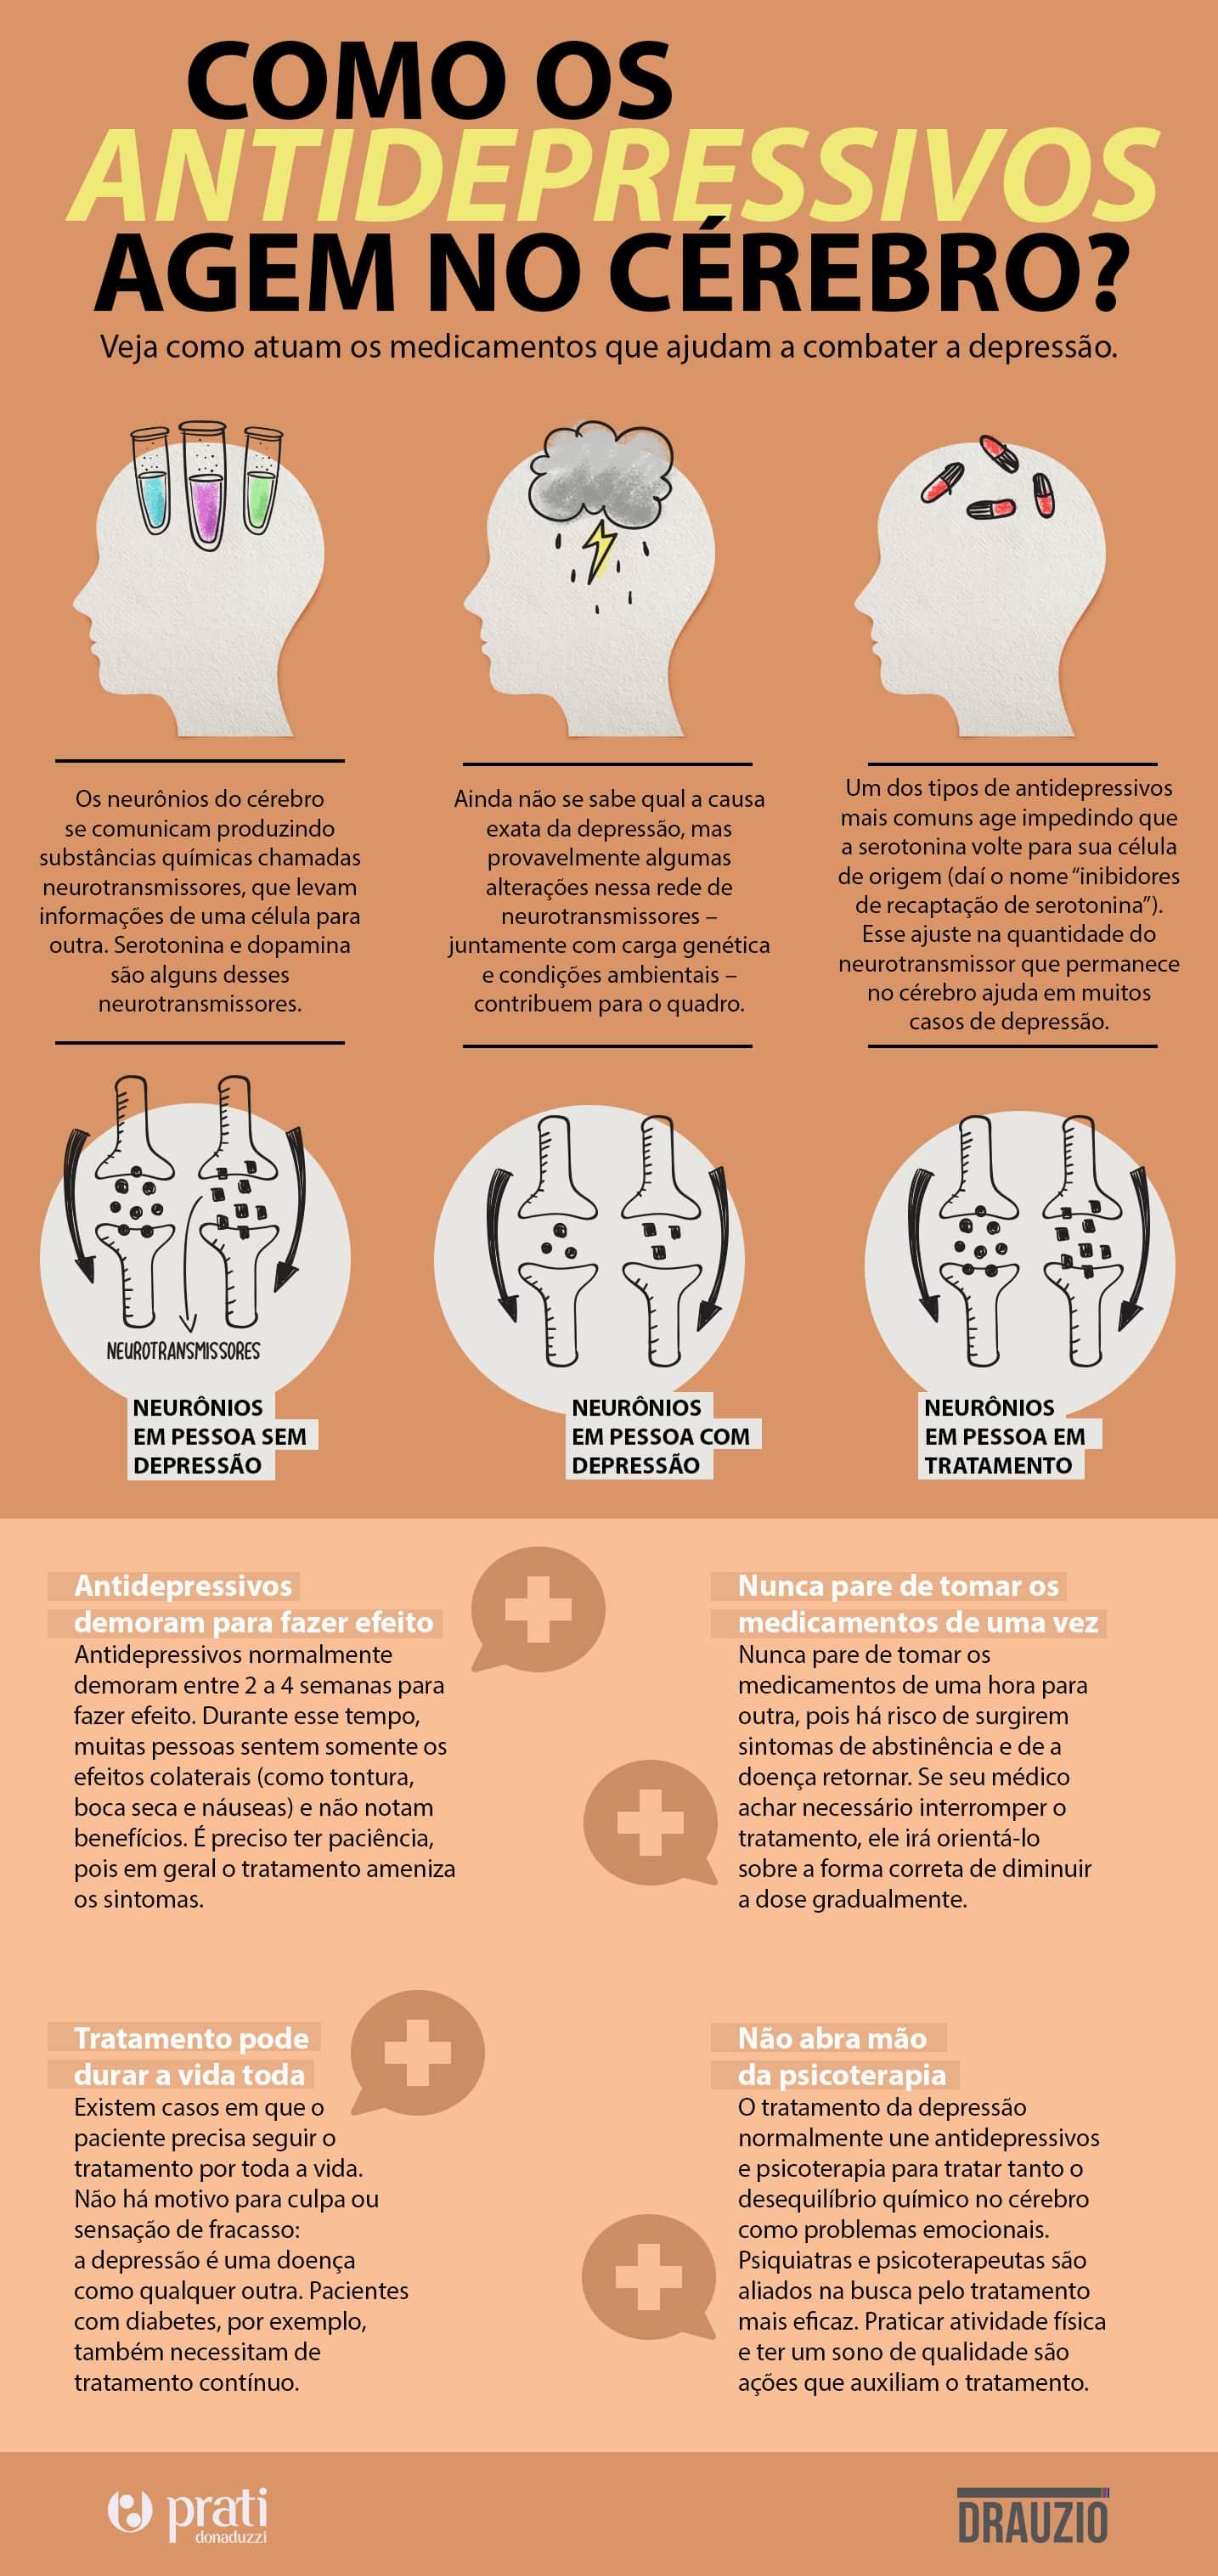 Infográfico mostrando como os antidepressivos agem no cérebro